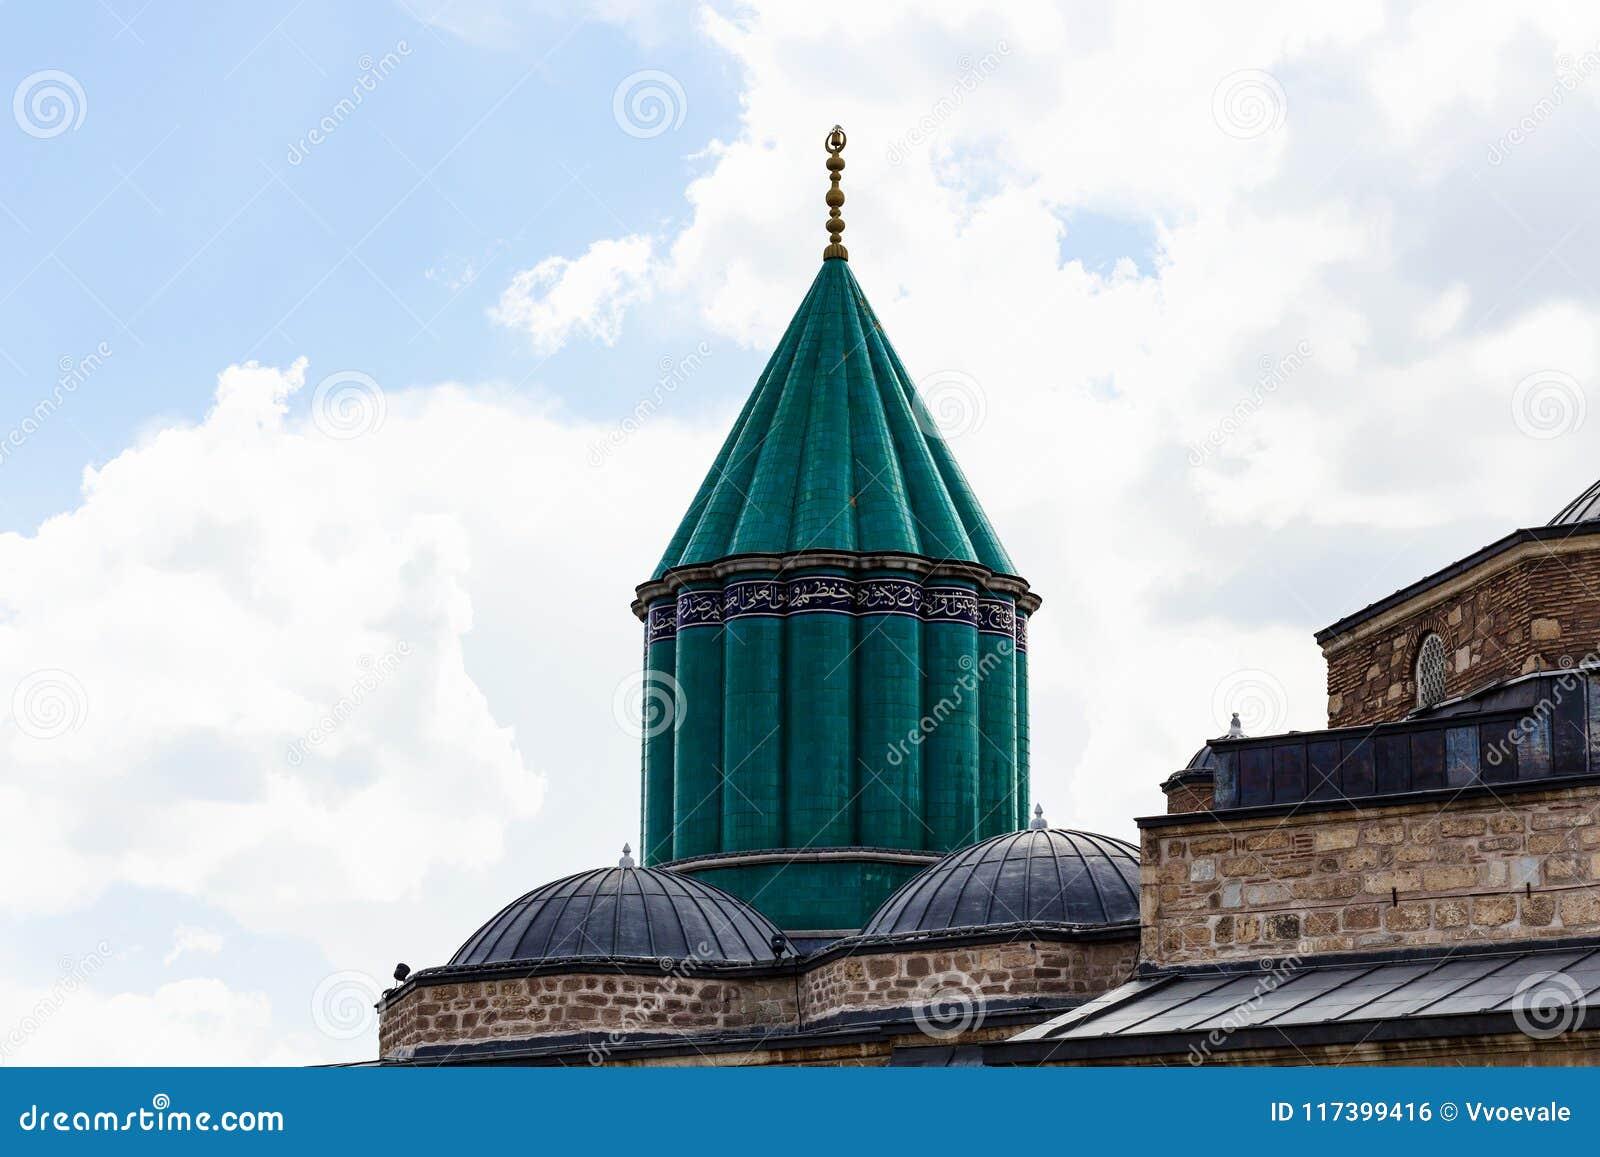 Green Dome y tejado de Rumi Shrine en la ciudad de Konya